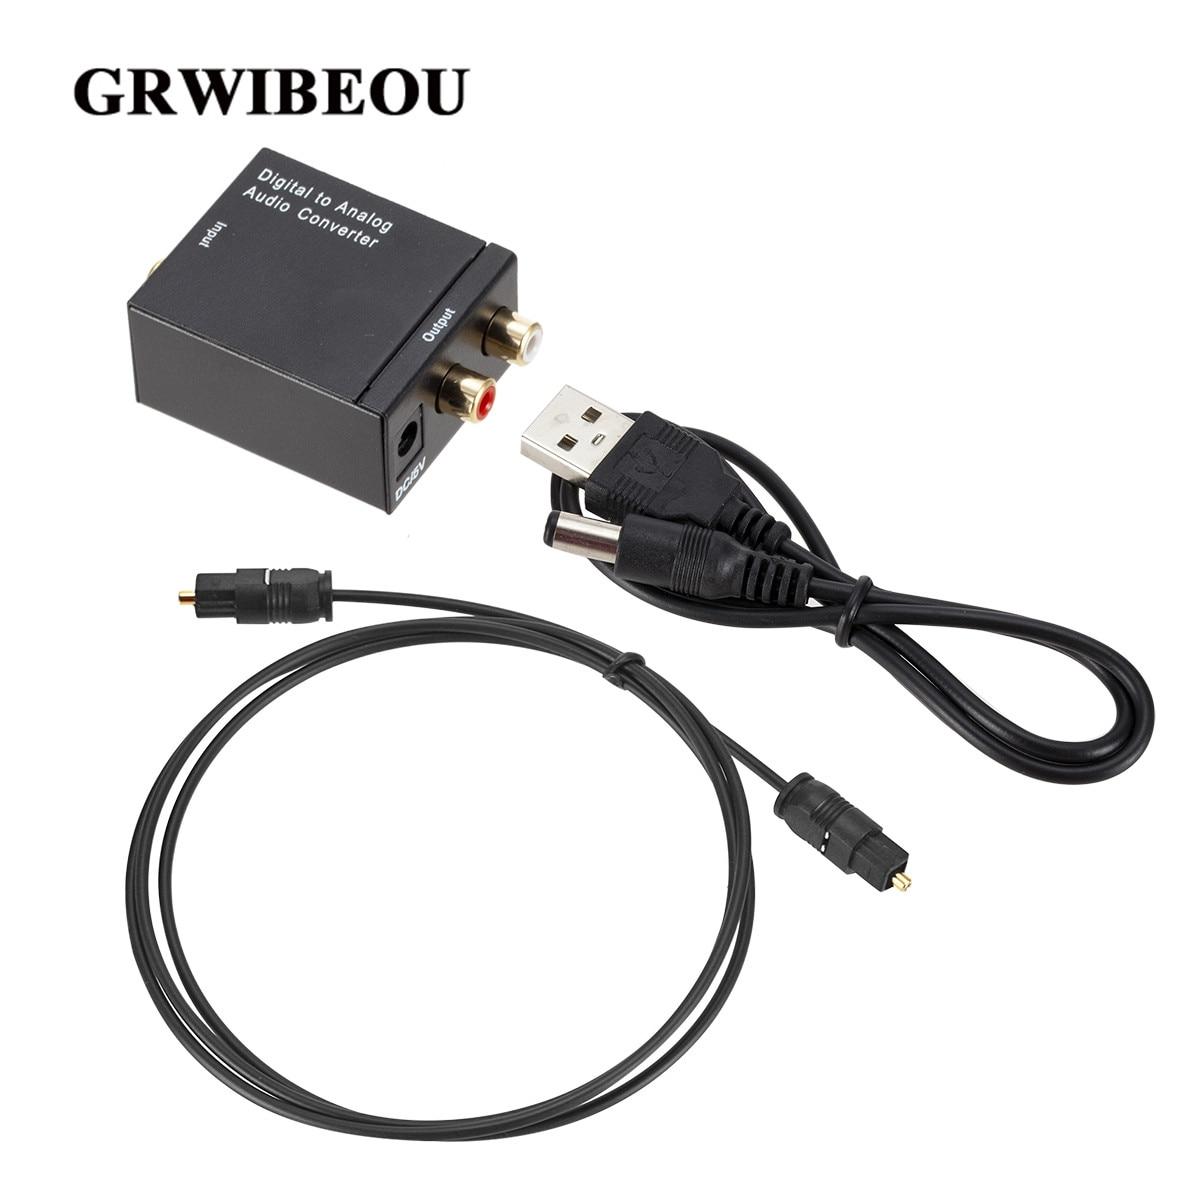 Grwibeou digital ao conversor de áudio analógico de fibra óptica toslink sinal coaxial para rca r/l decodificador de áudio spdif atv dac amplificador